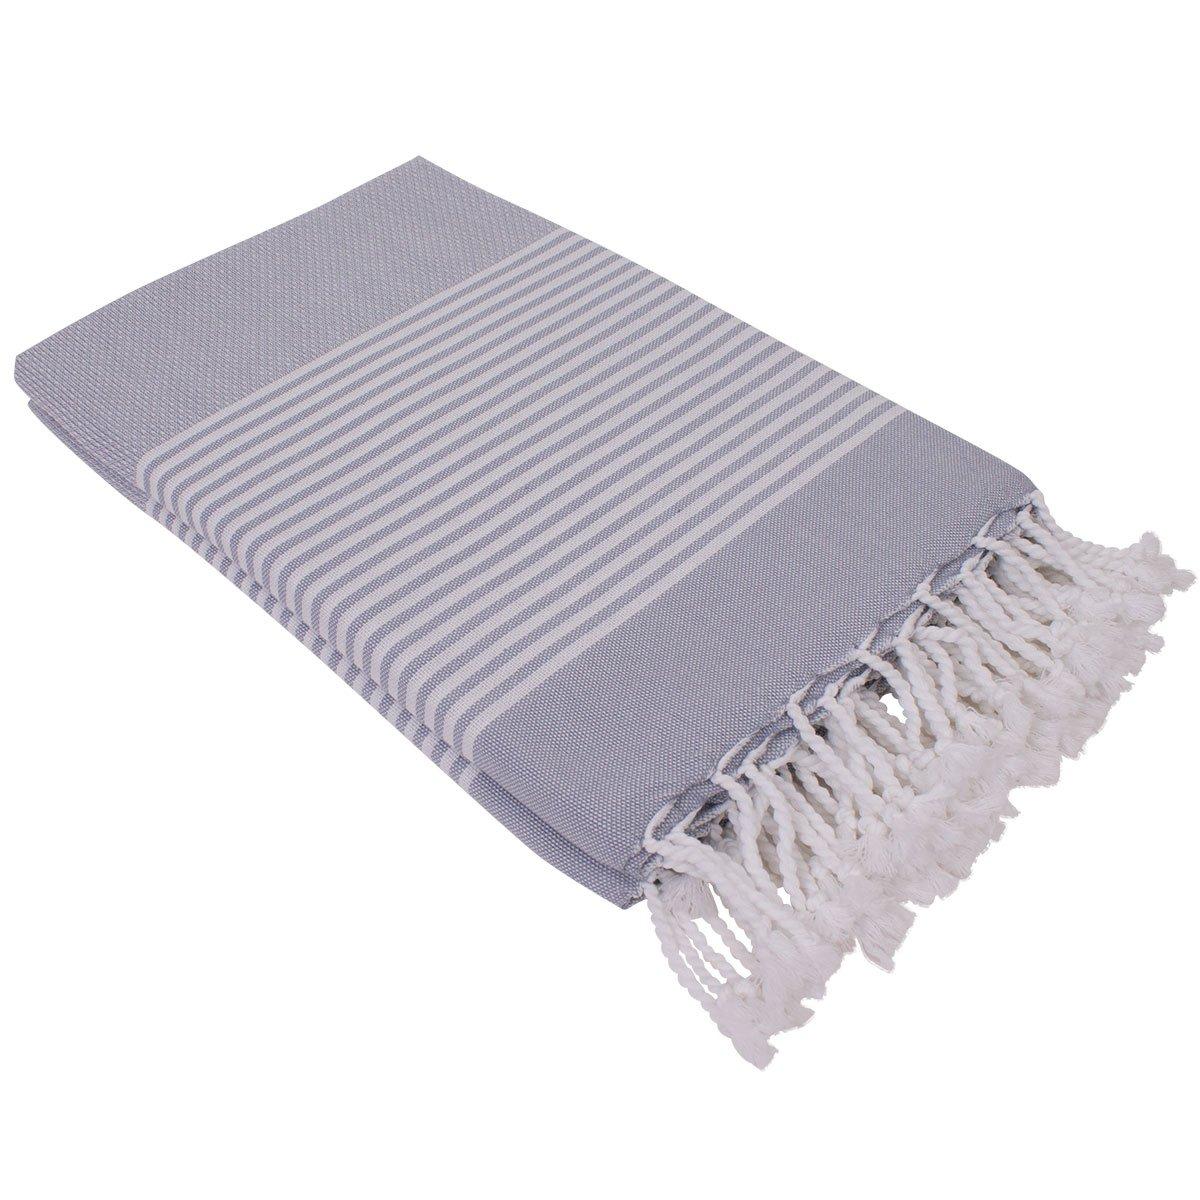 Serviette de plage Hammam Serviette Deniz Gris Taille XXL 100/x 200/cm 100/% coton hammam Turkish Towel Serviette de bain pestemal l/éger et fin serviette de sauna